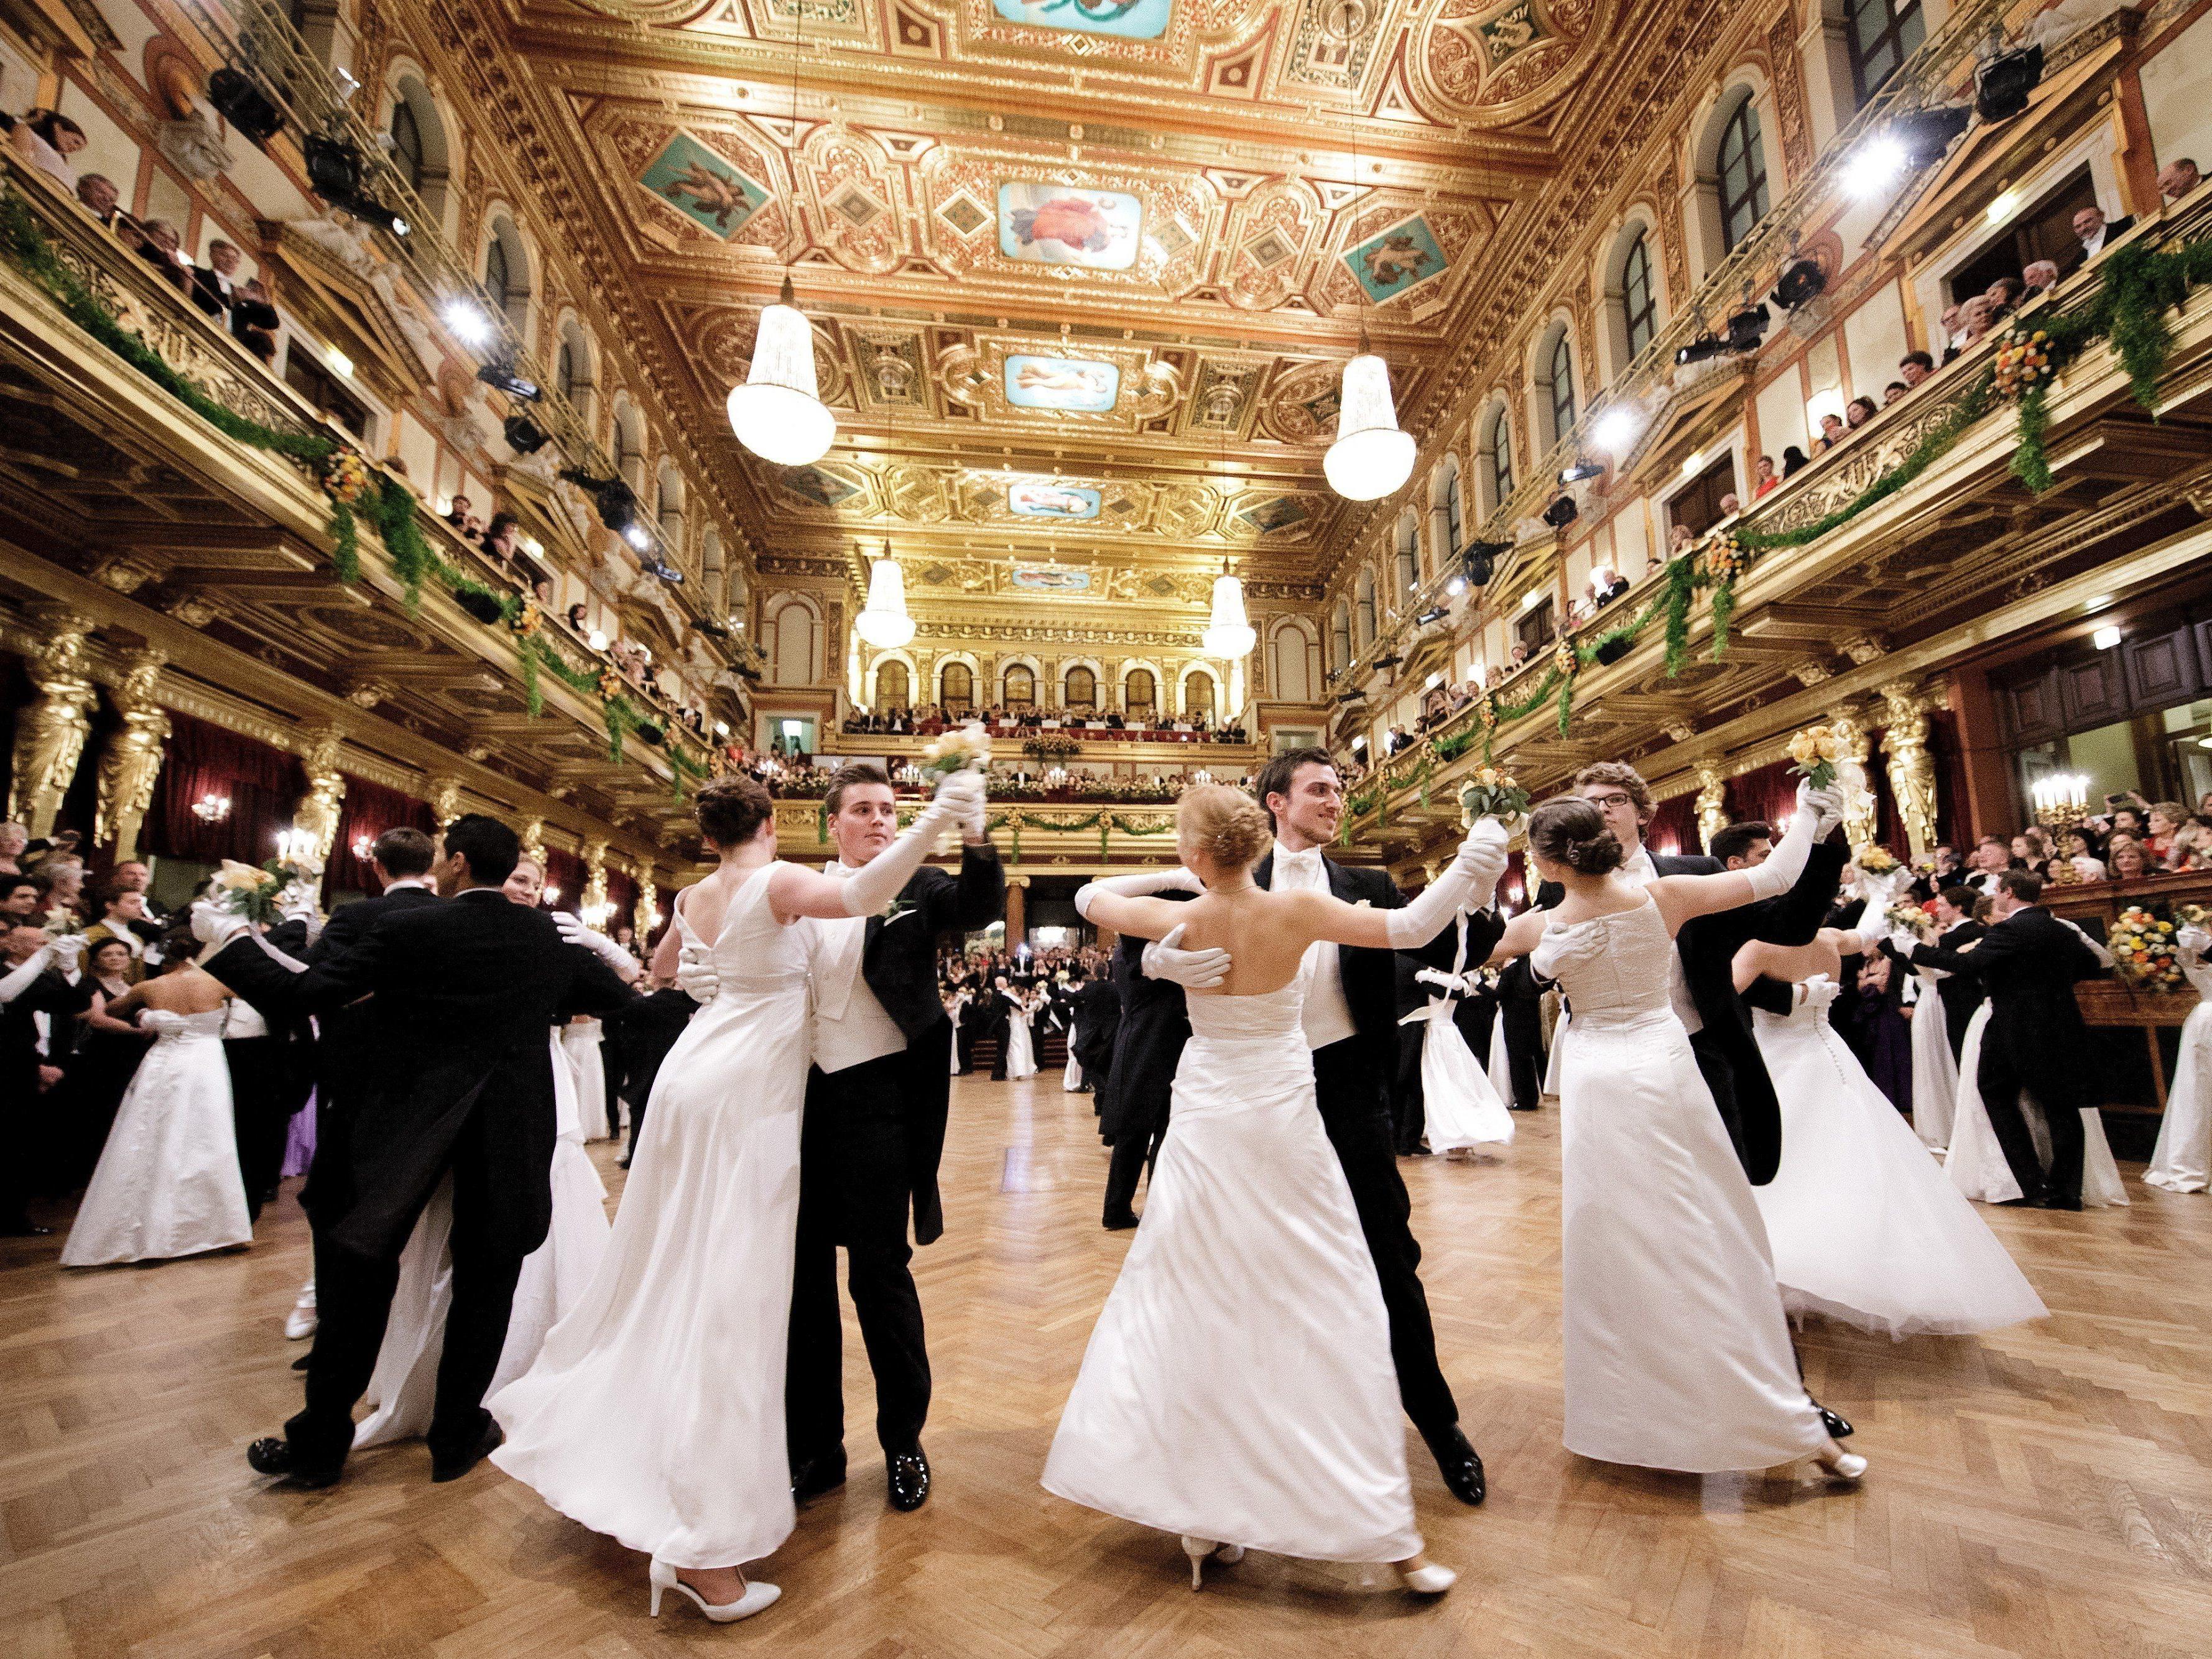 Tänzerinnen und Tänzer während der Eröffnung des Balles der Wiener Philharmoniker